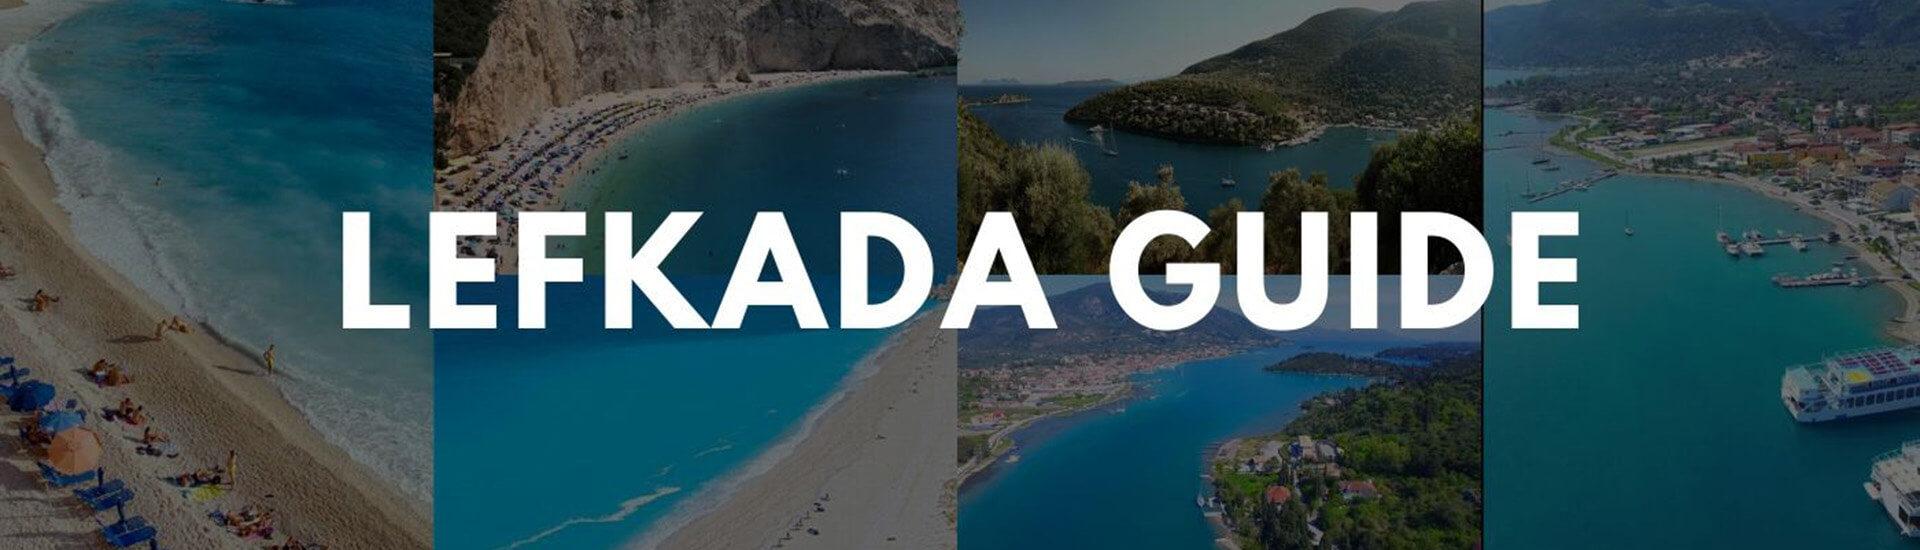 lefkada-guide-2020